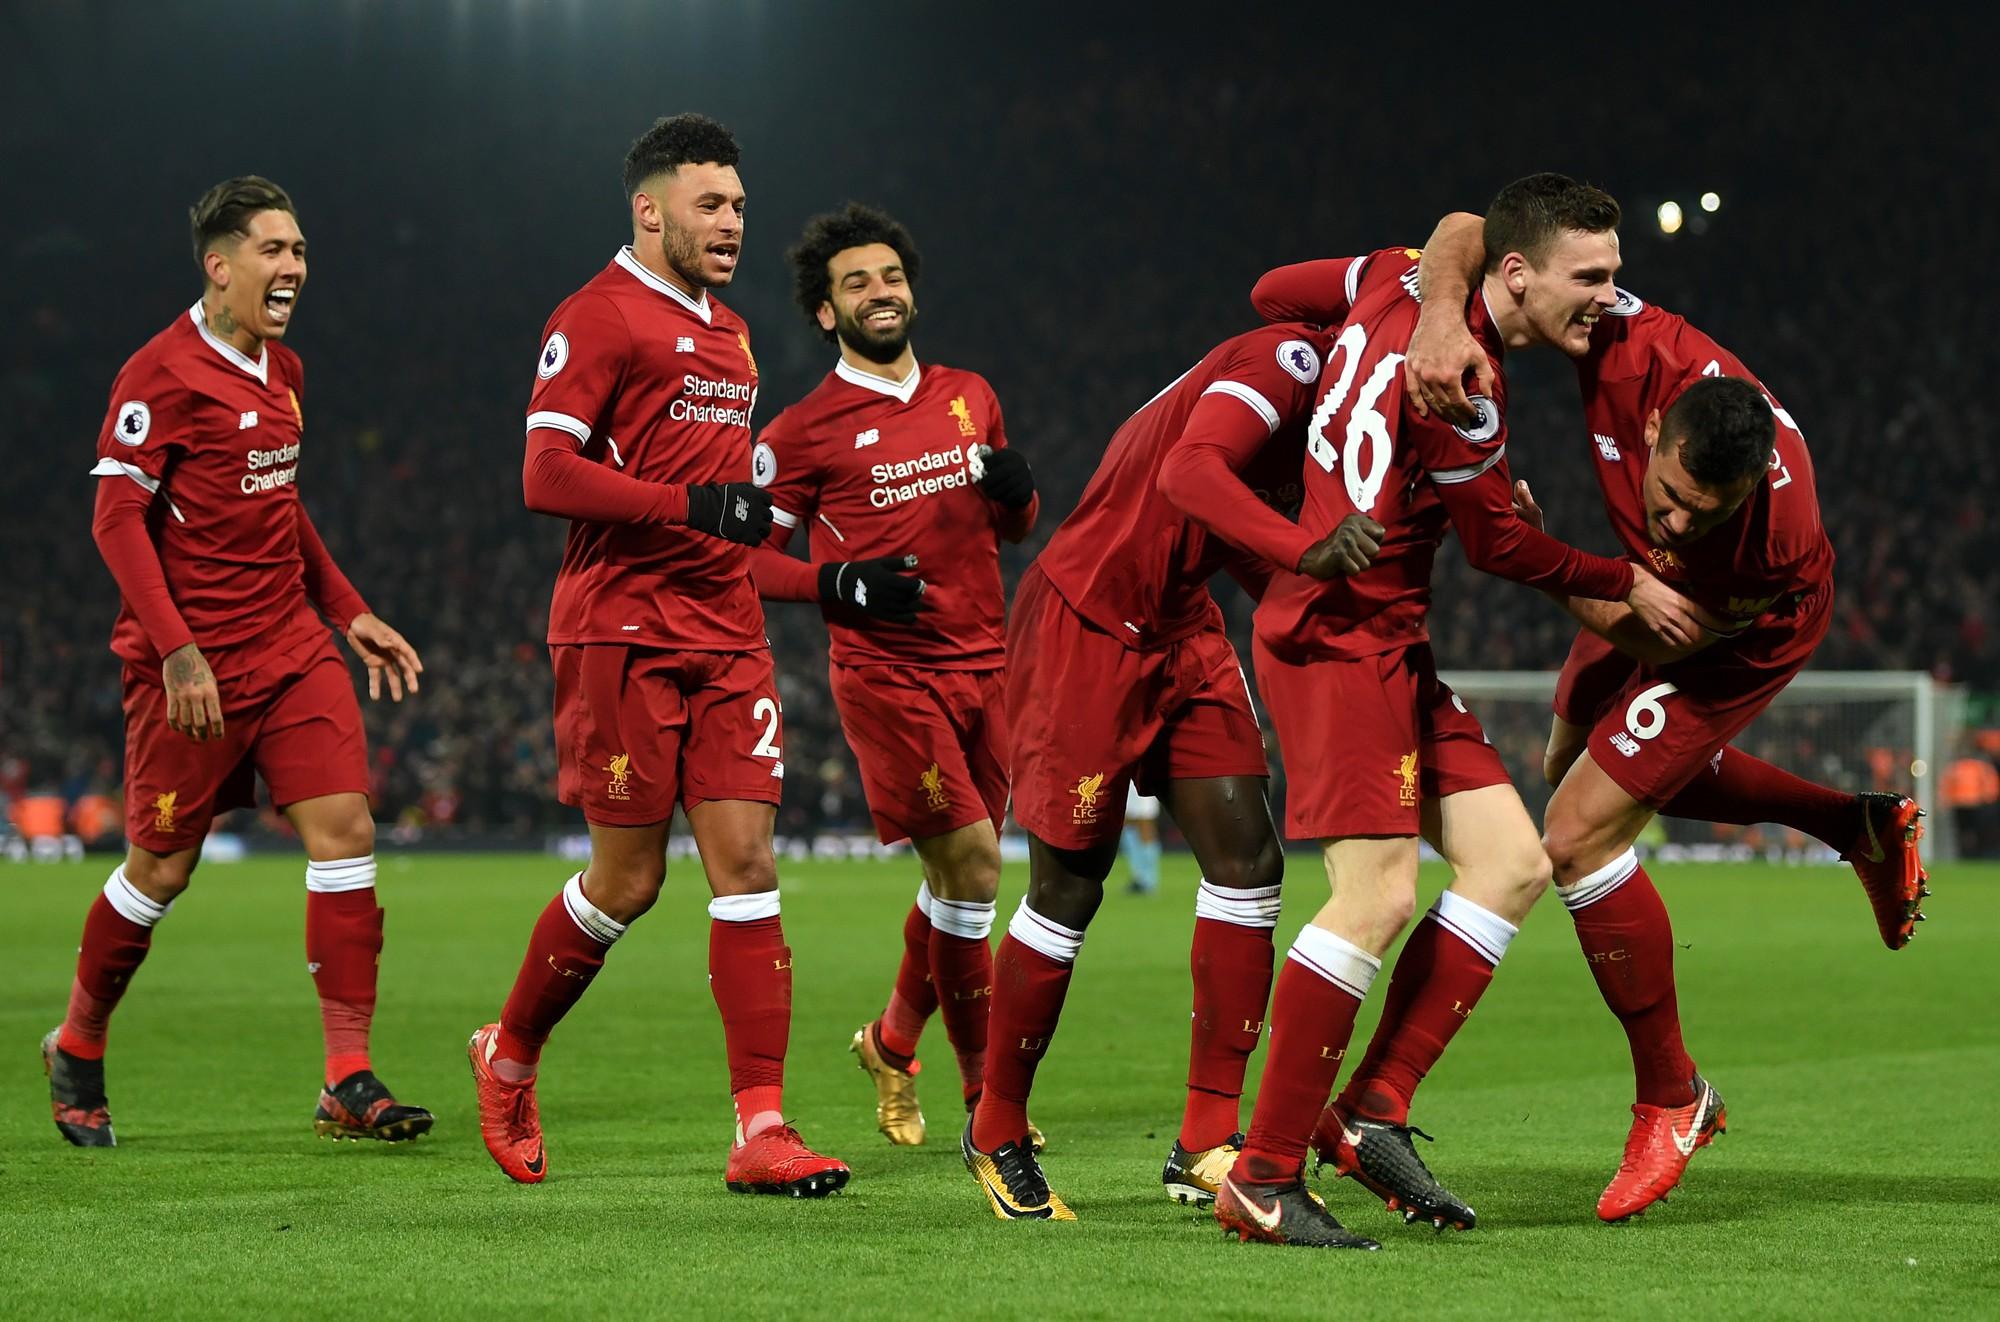 Hình ảnh: Tinh thần của Liverpool đang rất hưng phấn sau chiến thắng trước Man City